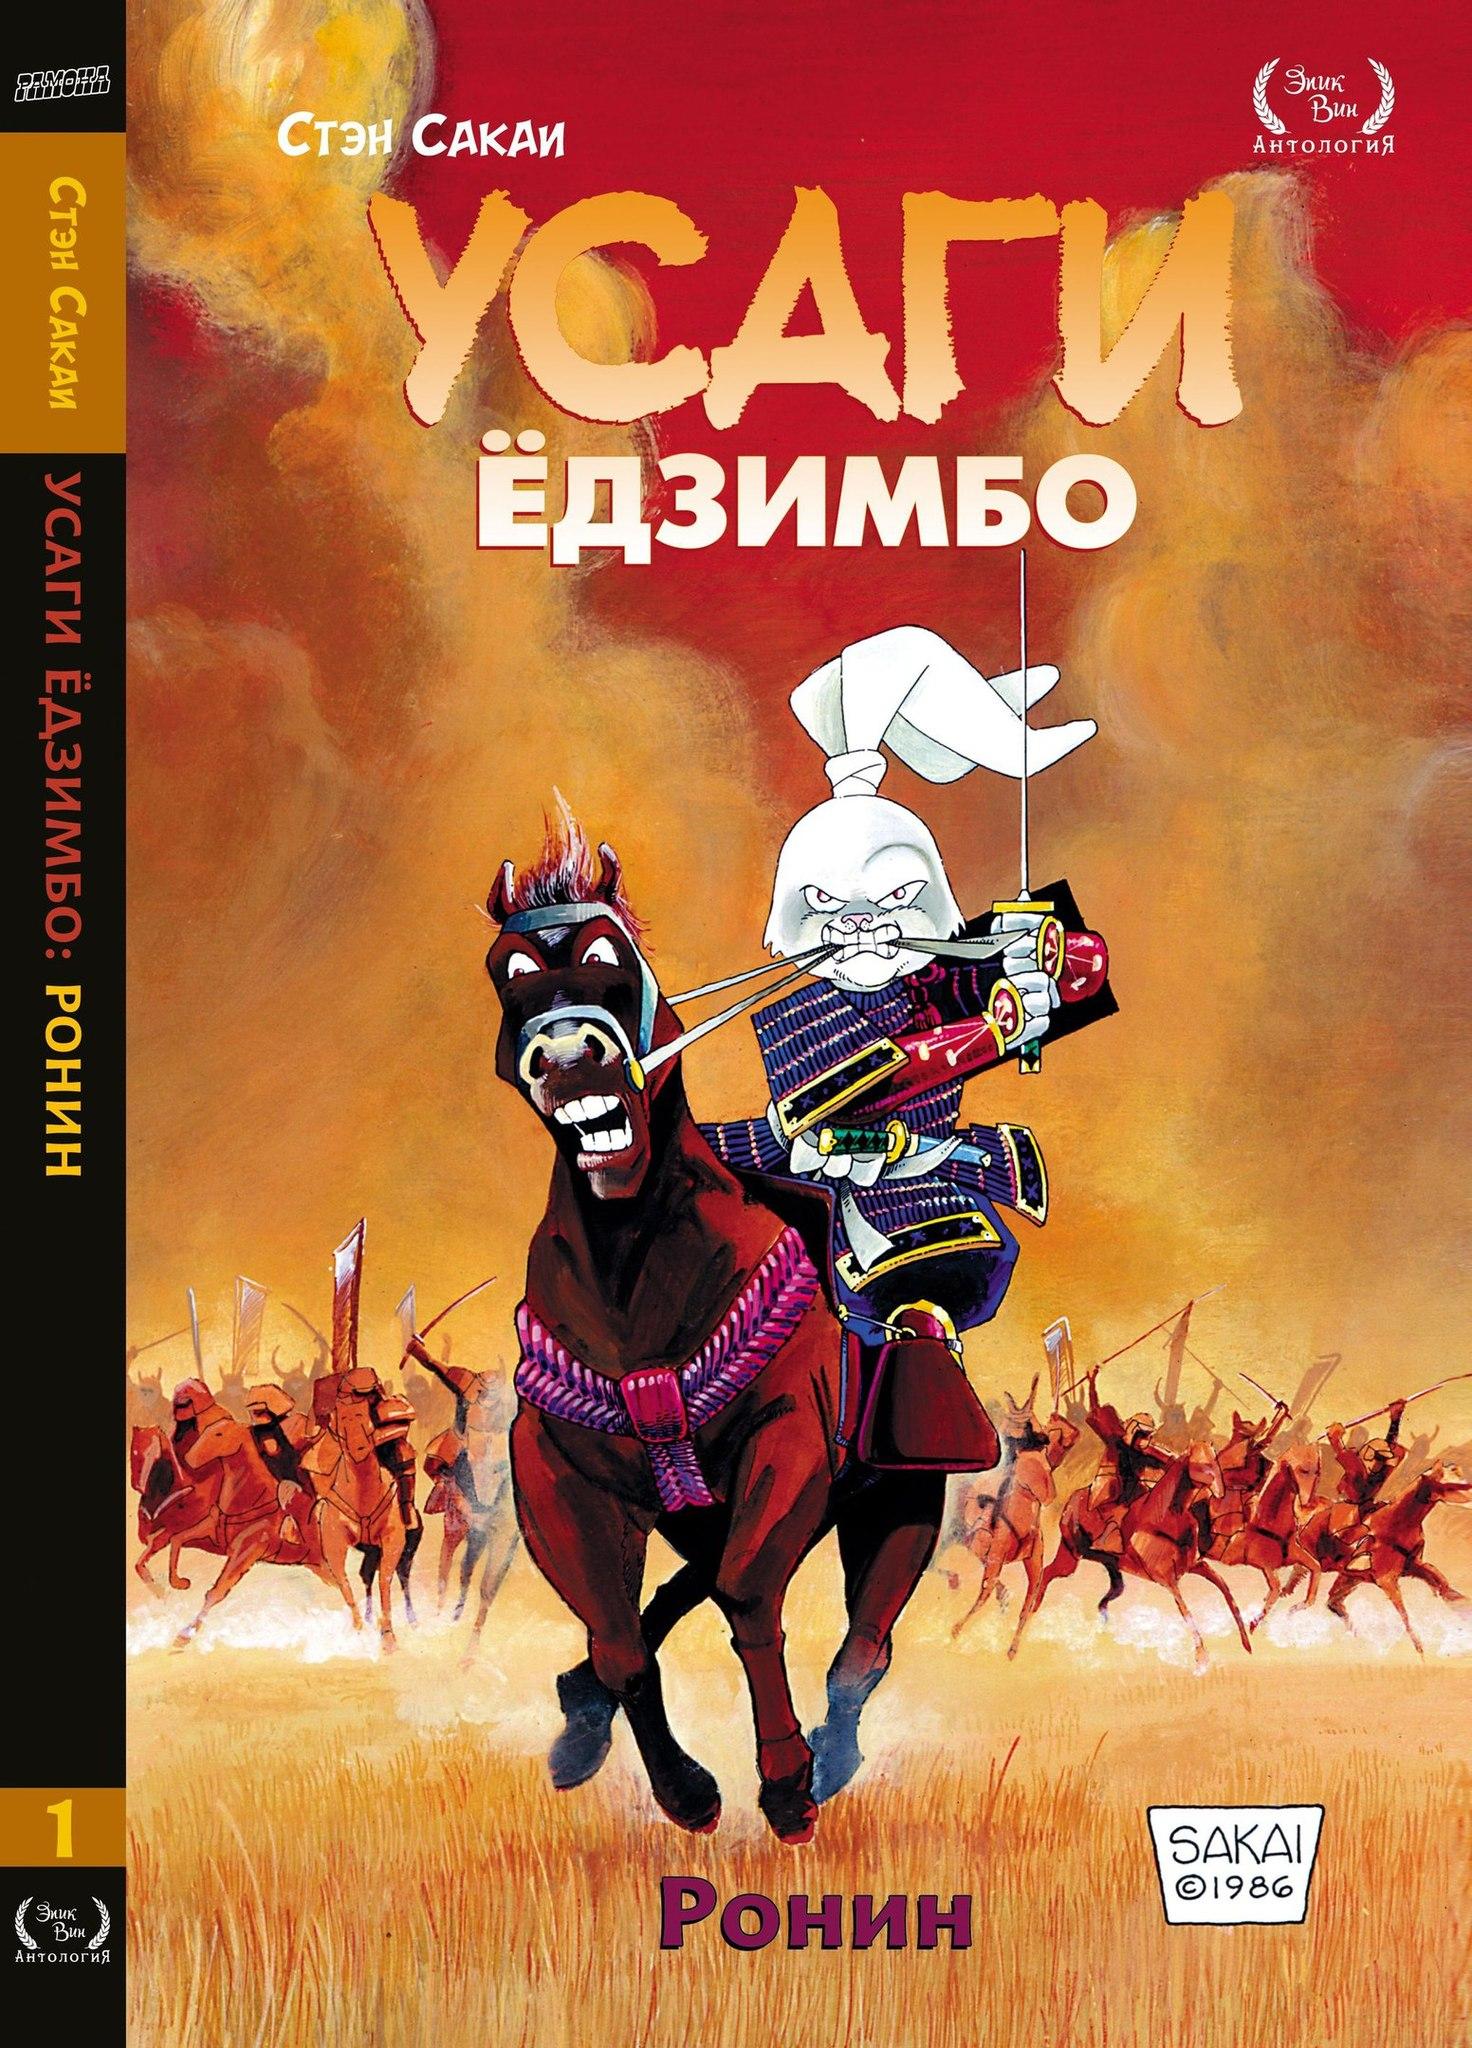 Netflix заказал анимационный сериал помотивам комикса «Усаги Ёдзимбо» Стэна Сакаи